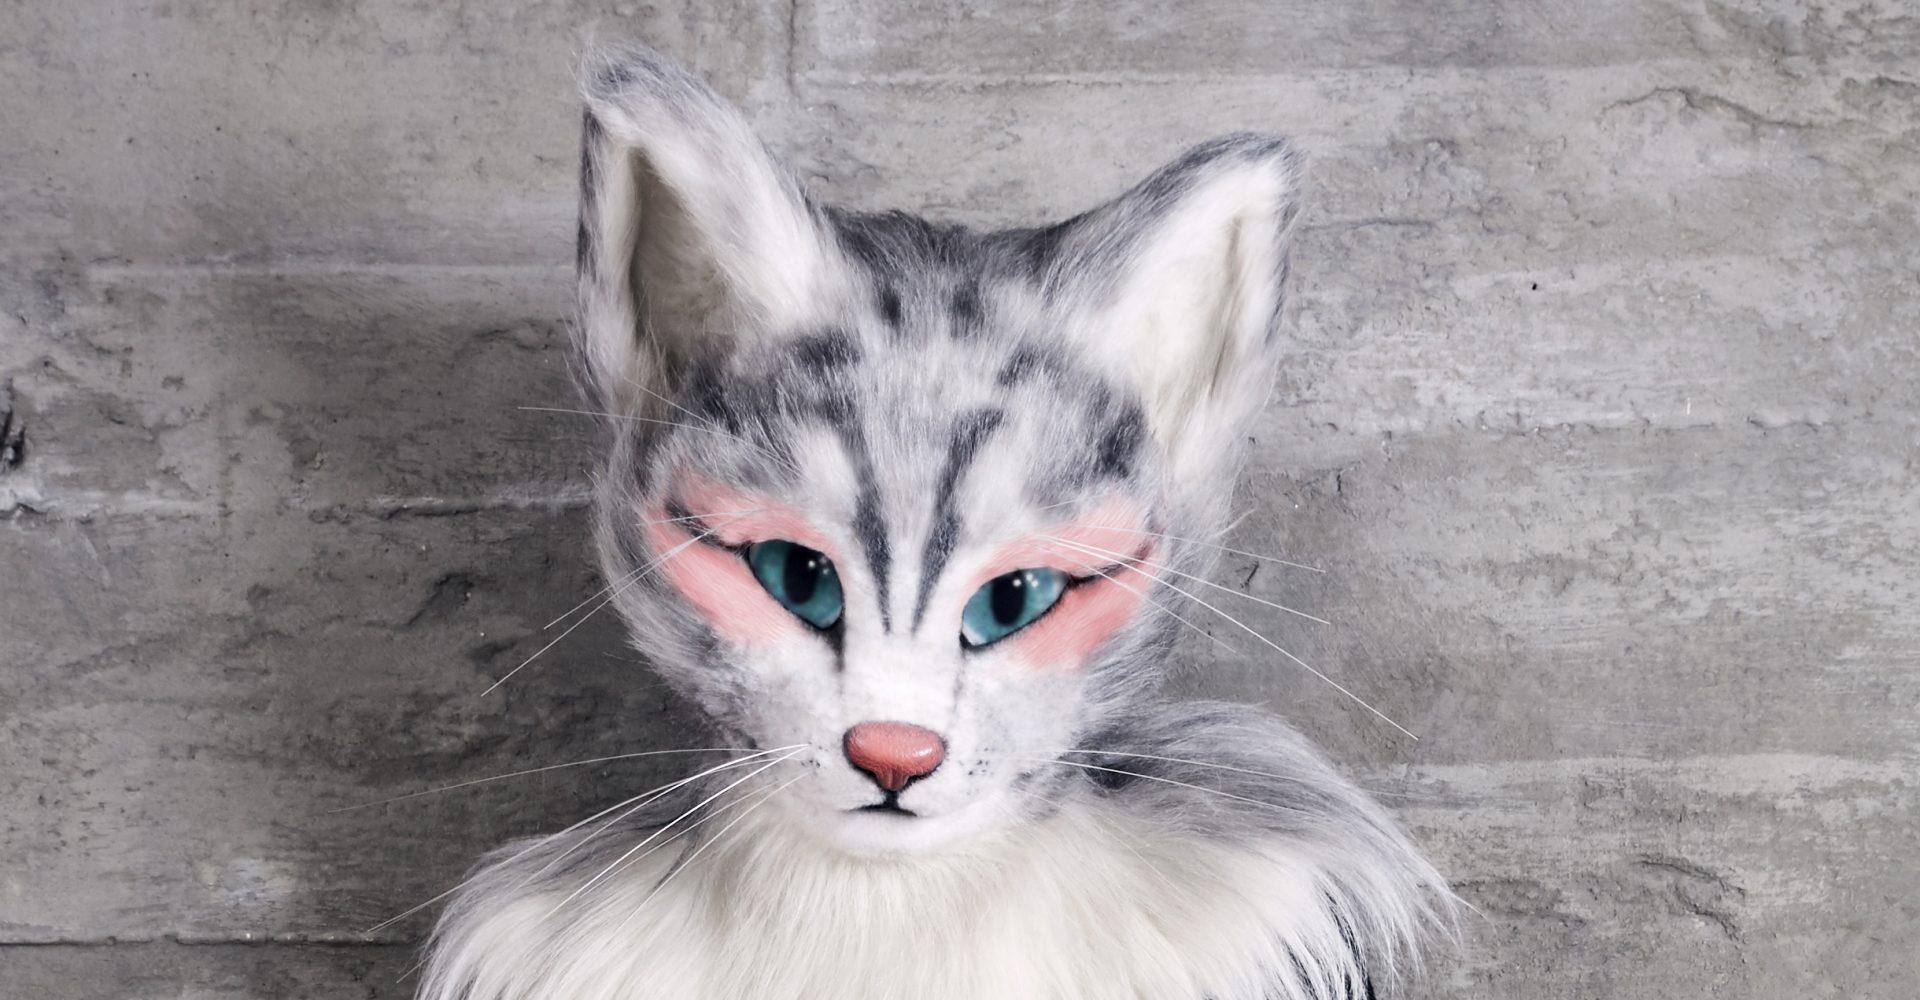 Catlady Pheline trägt rosafarbenen Lidschatten bzw. Rouge um ihre Augen bis zu den Schläfen.